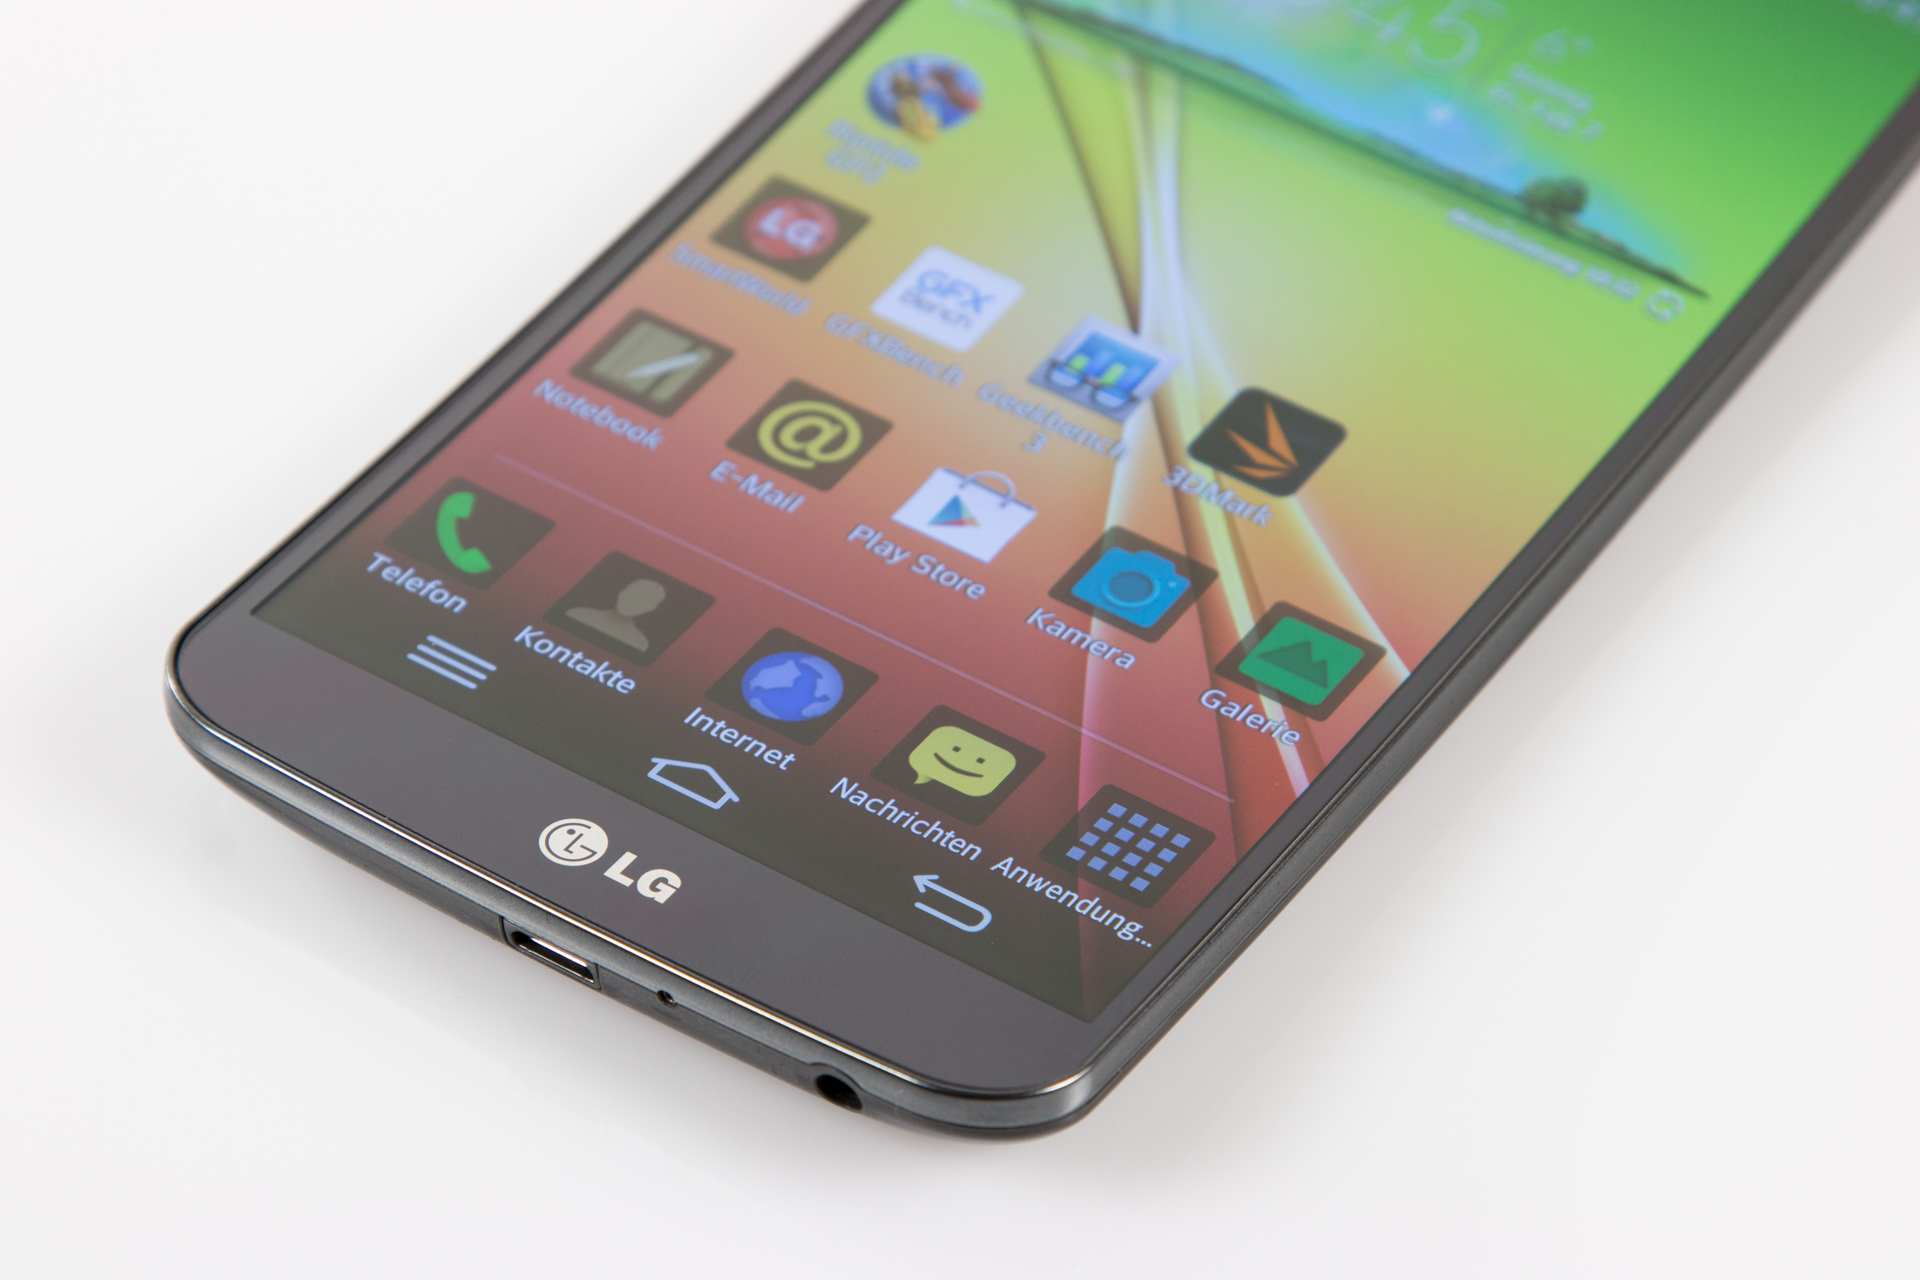 LG G Flex im Test: Bananenform und Gurkendisplay -